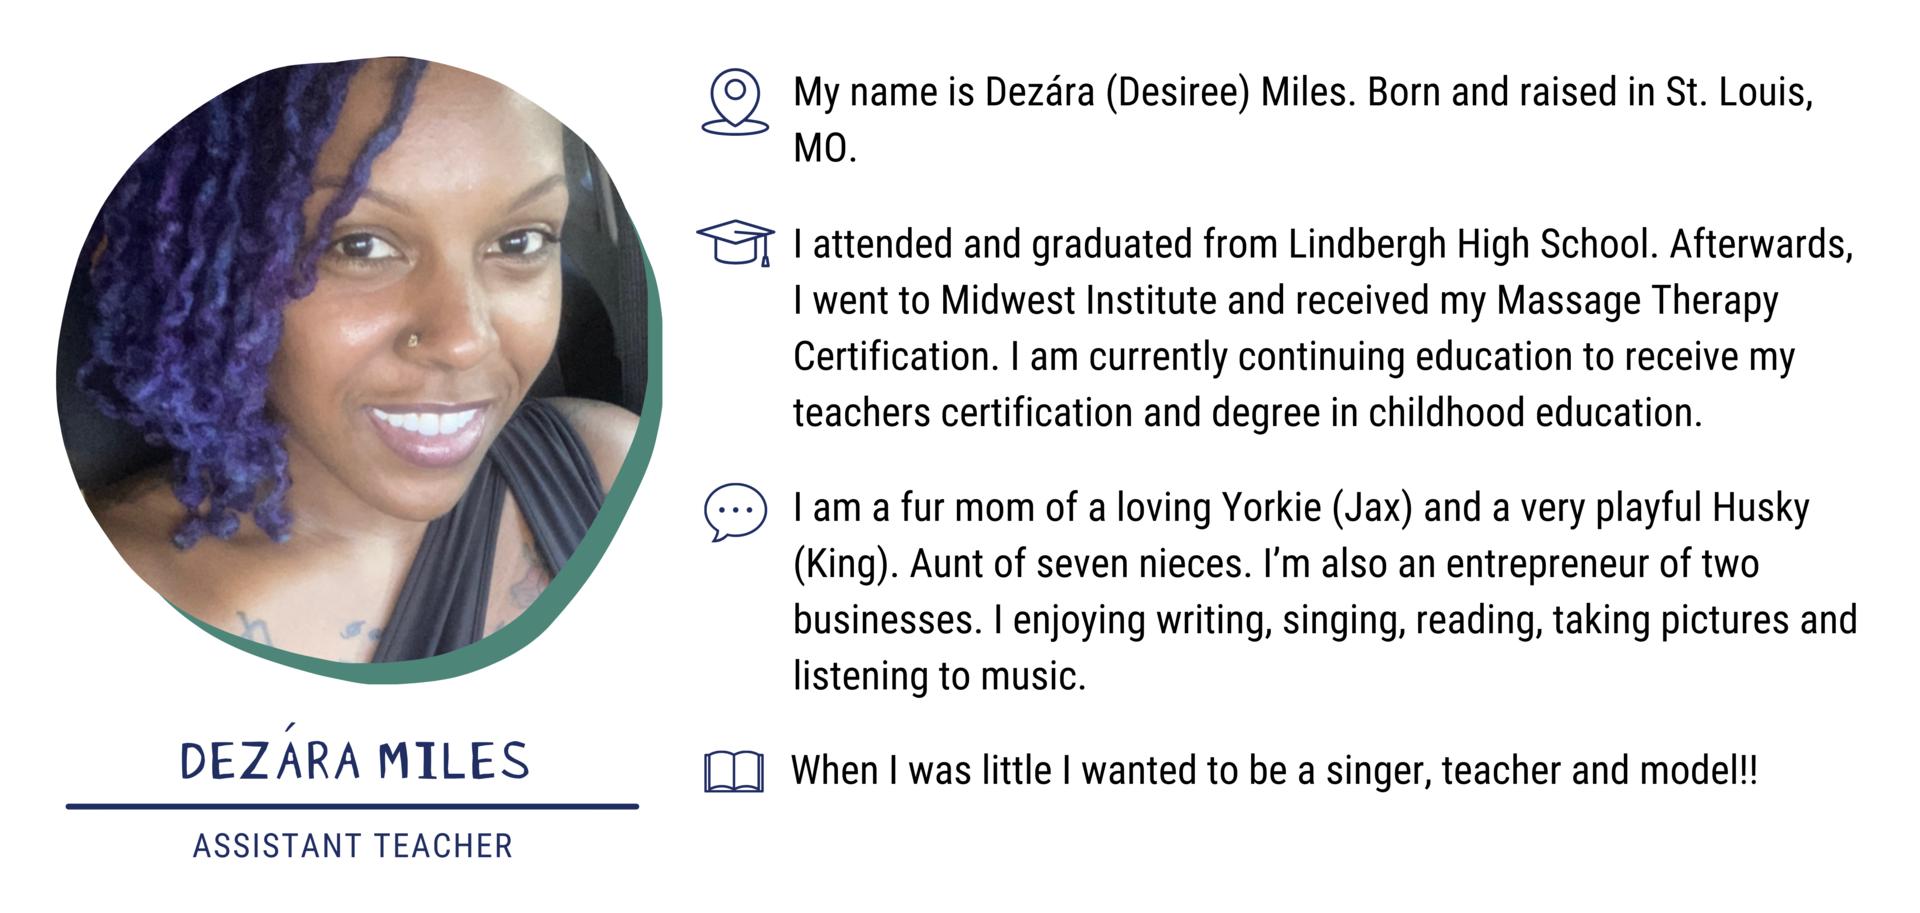 Dezára Miles, Assistant Teacher